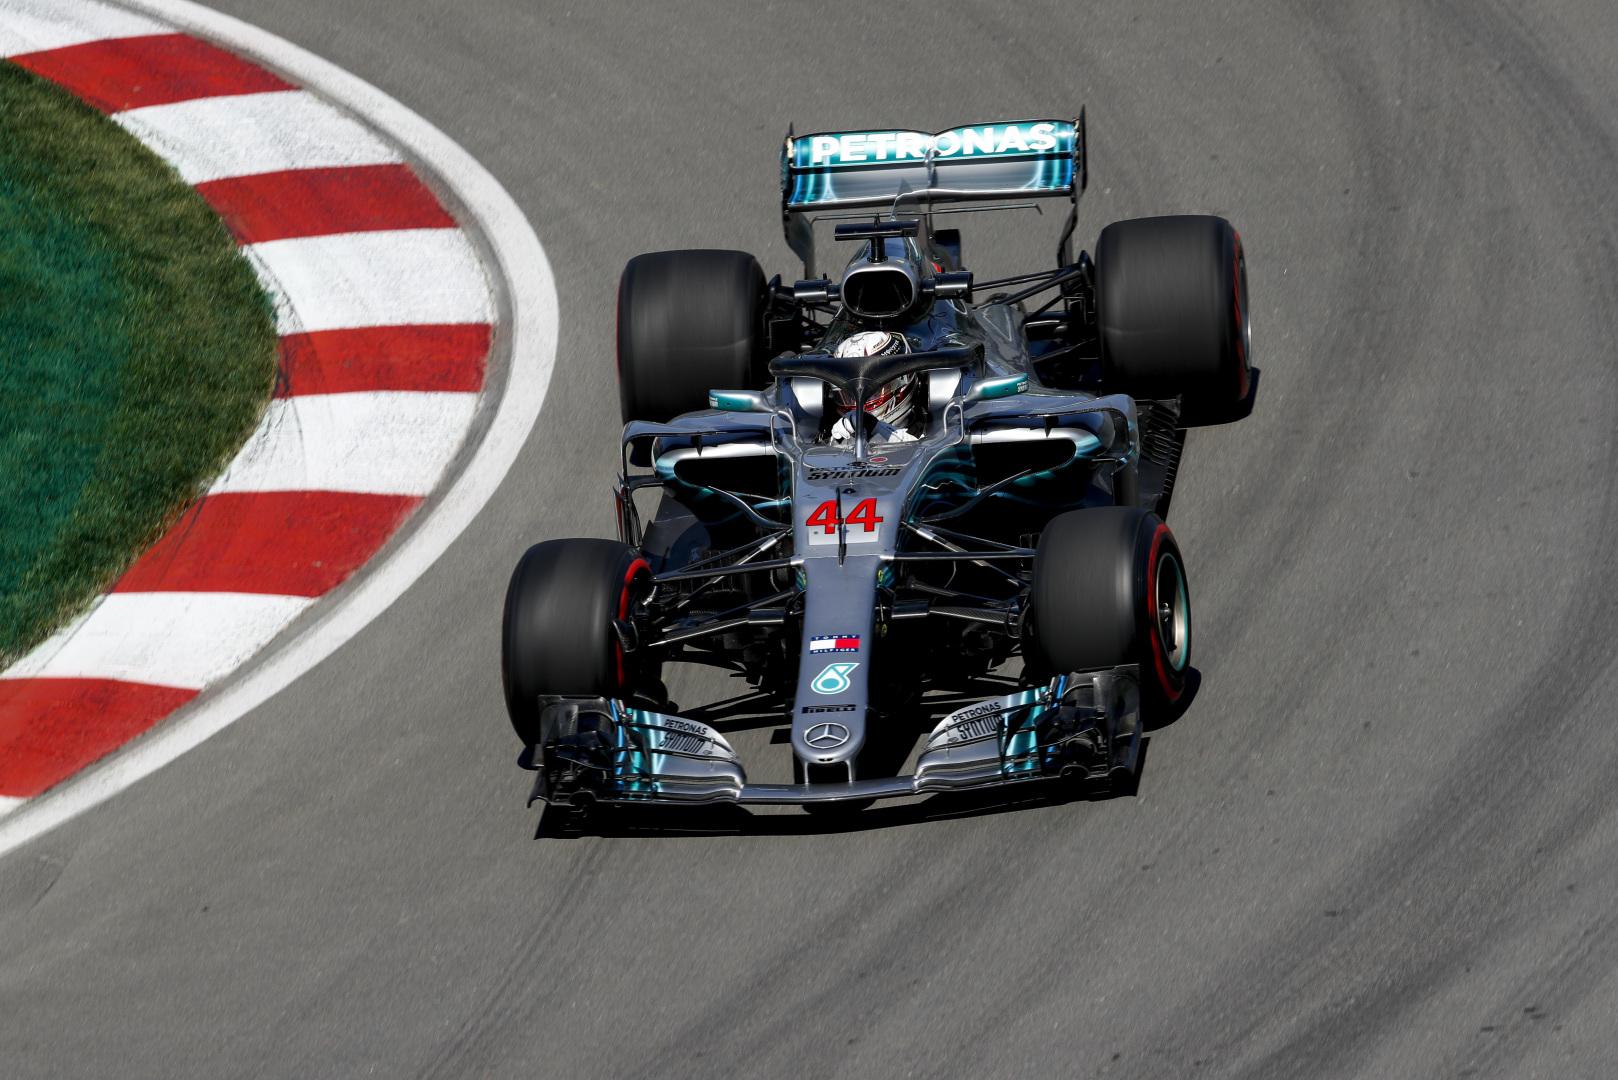 L. Hamiltonas galvojo, kad jo variklis sprogs lenktynių metu